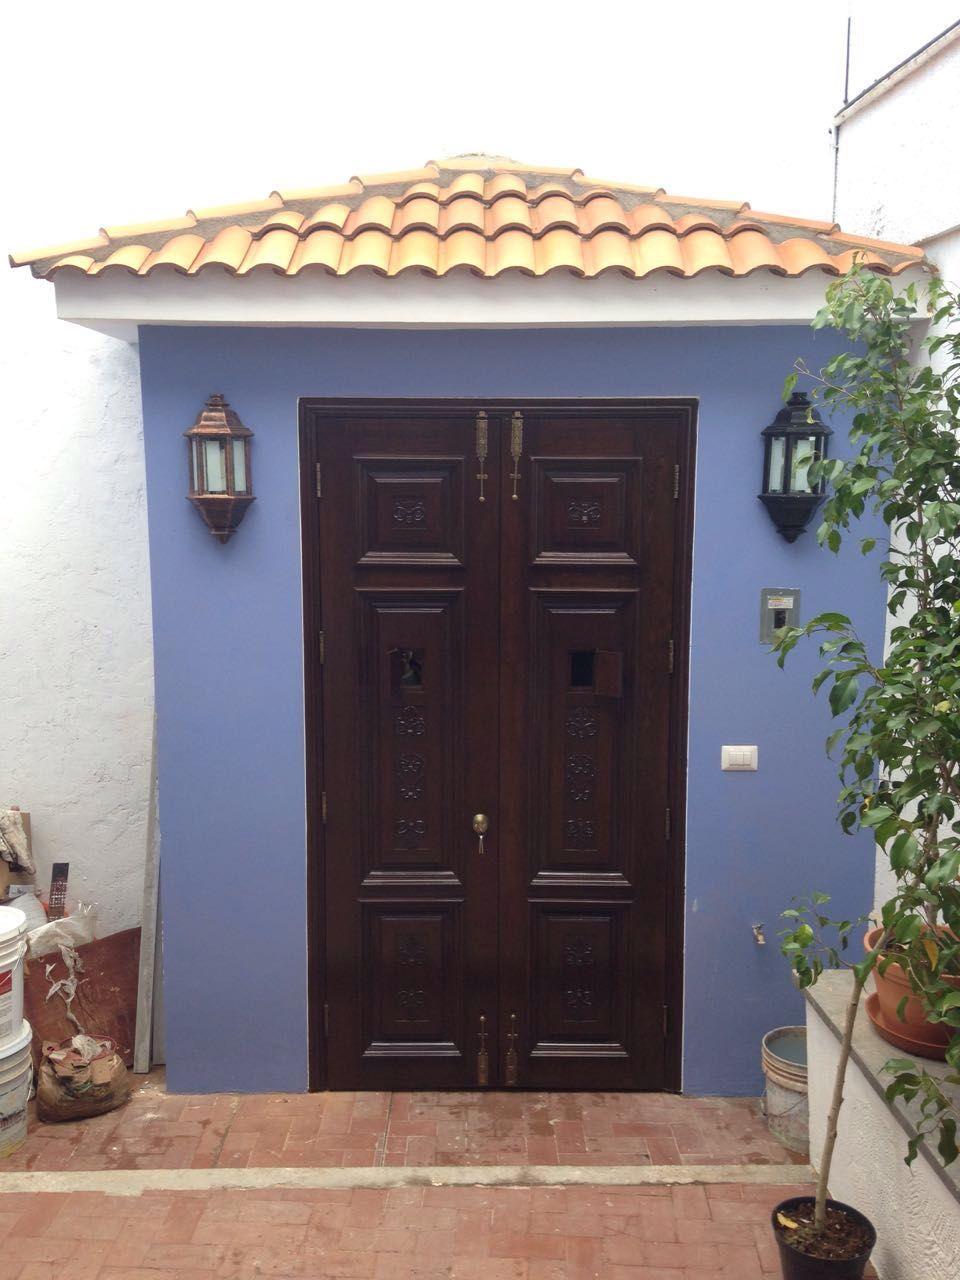 Puertas nauman de madera solida de pino acabado en barniz - Puertas color pino ...